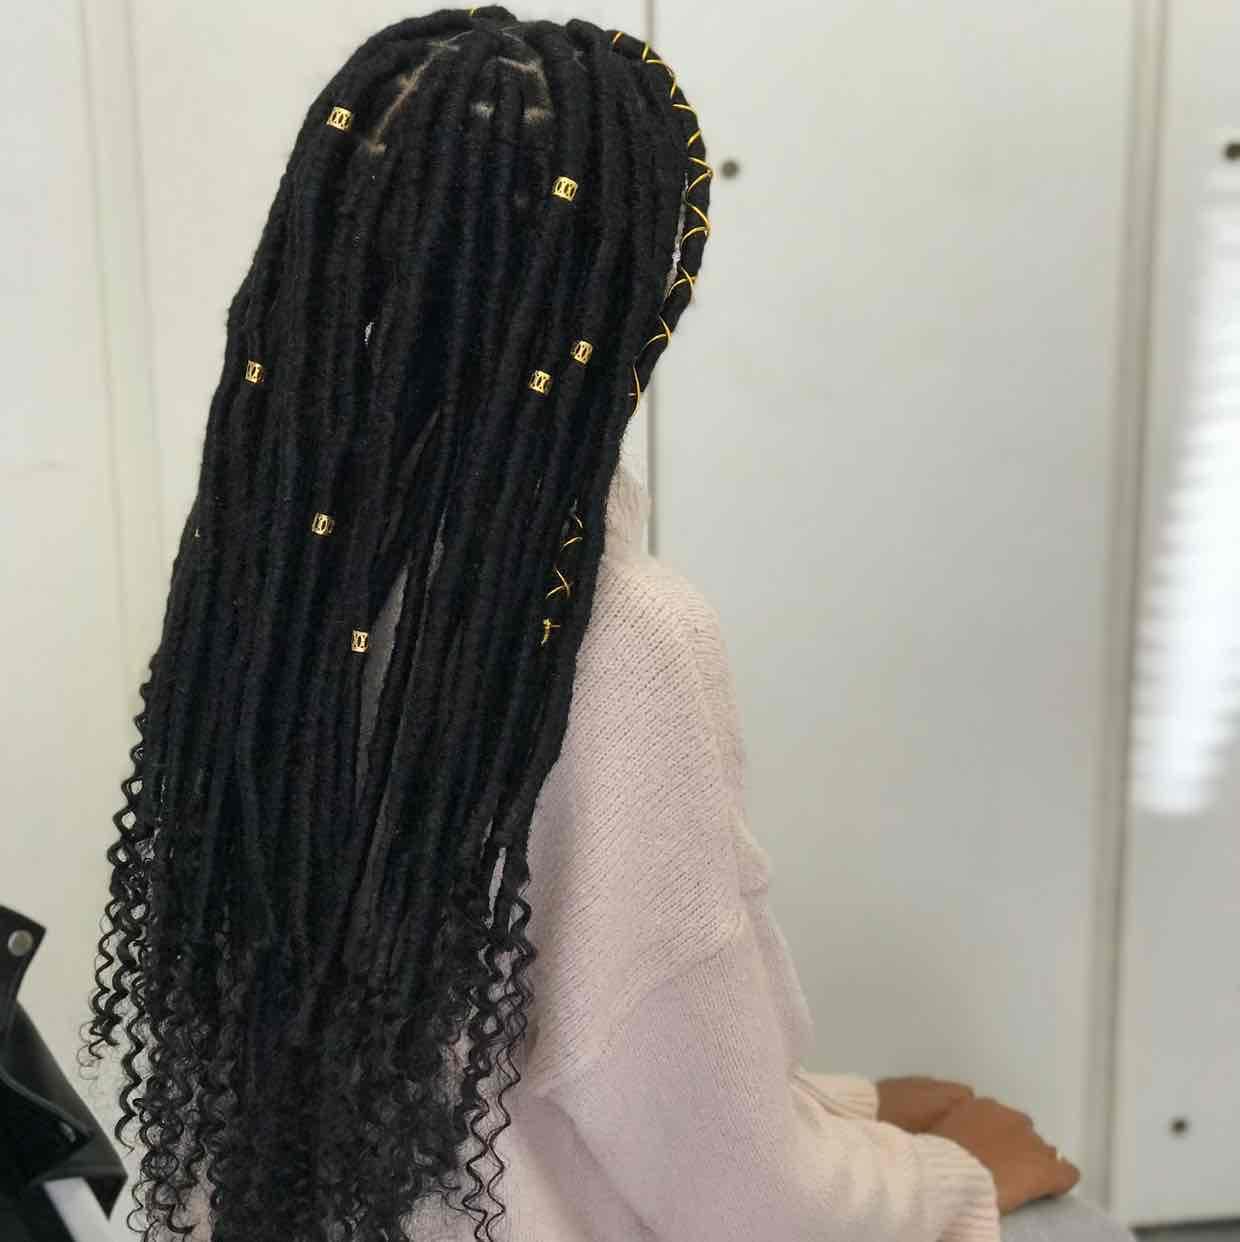 salon de coiffure afro tresse tresses box braids crochet braids vanilles tissages paris 75 77 78 91 92 93 94 95 KOWGBYSW